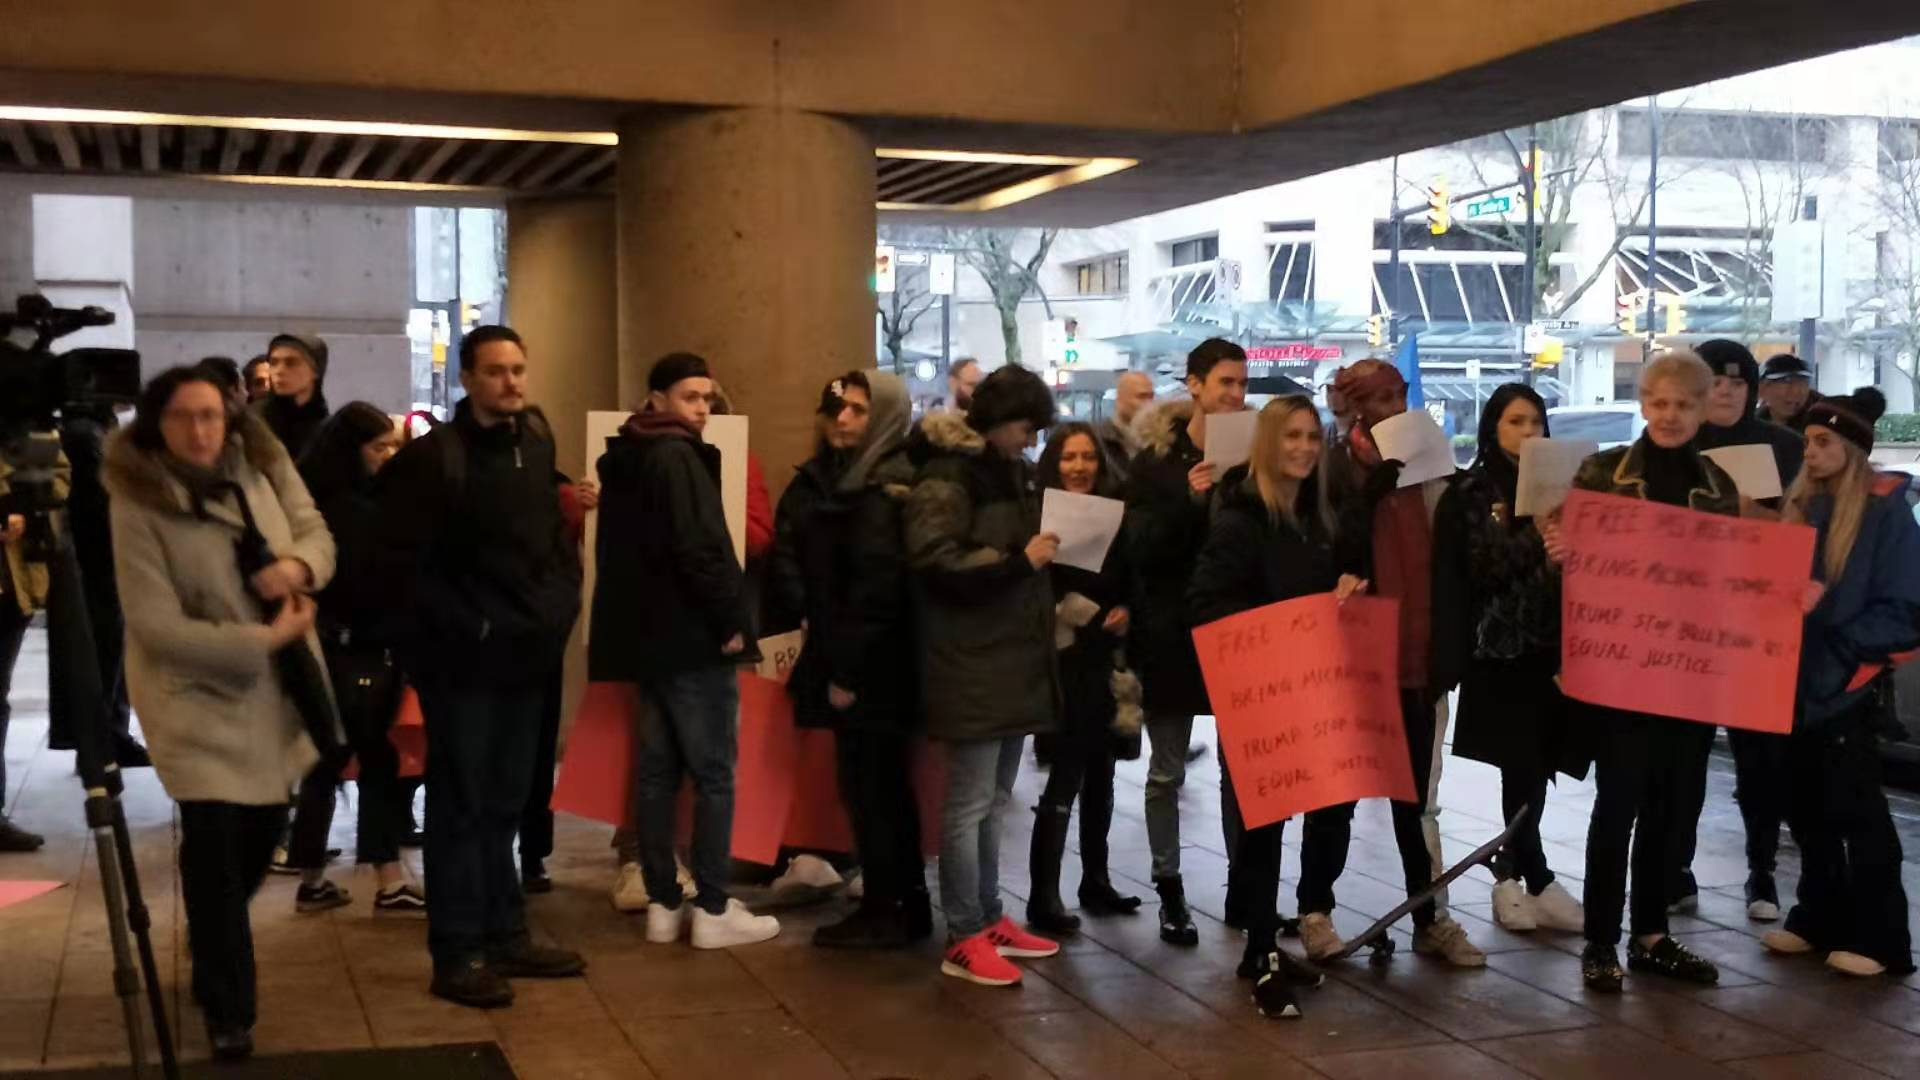 加拿大民众呼吁珍视加中友谊,释放孟晚舟女士